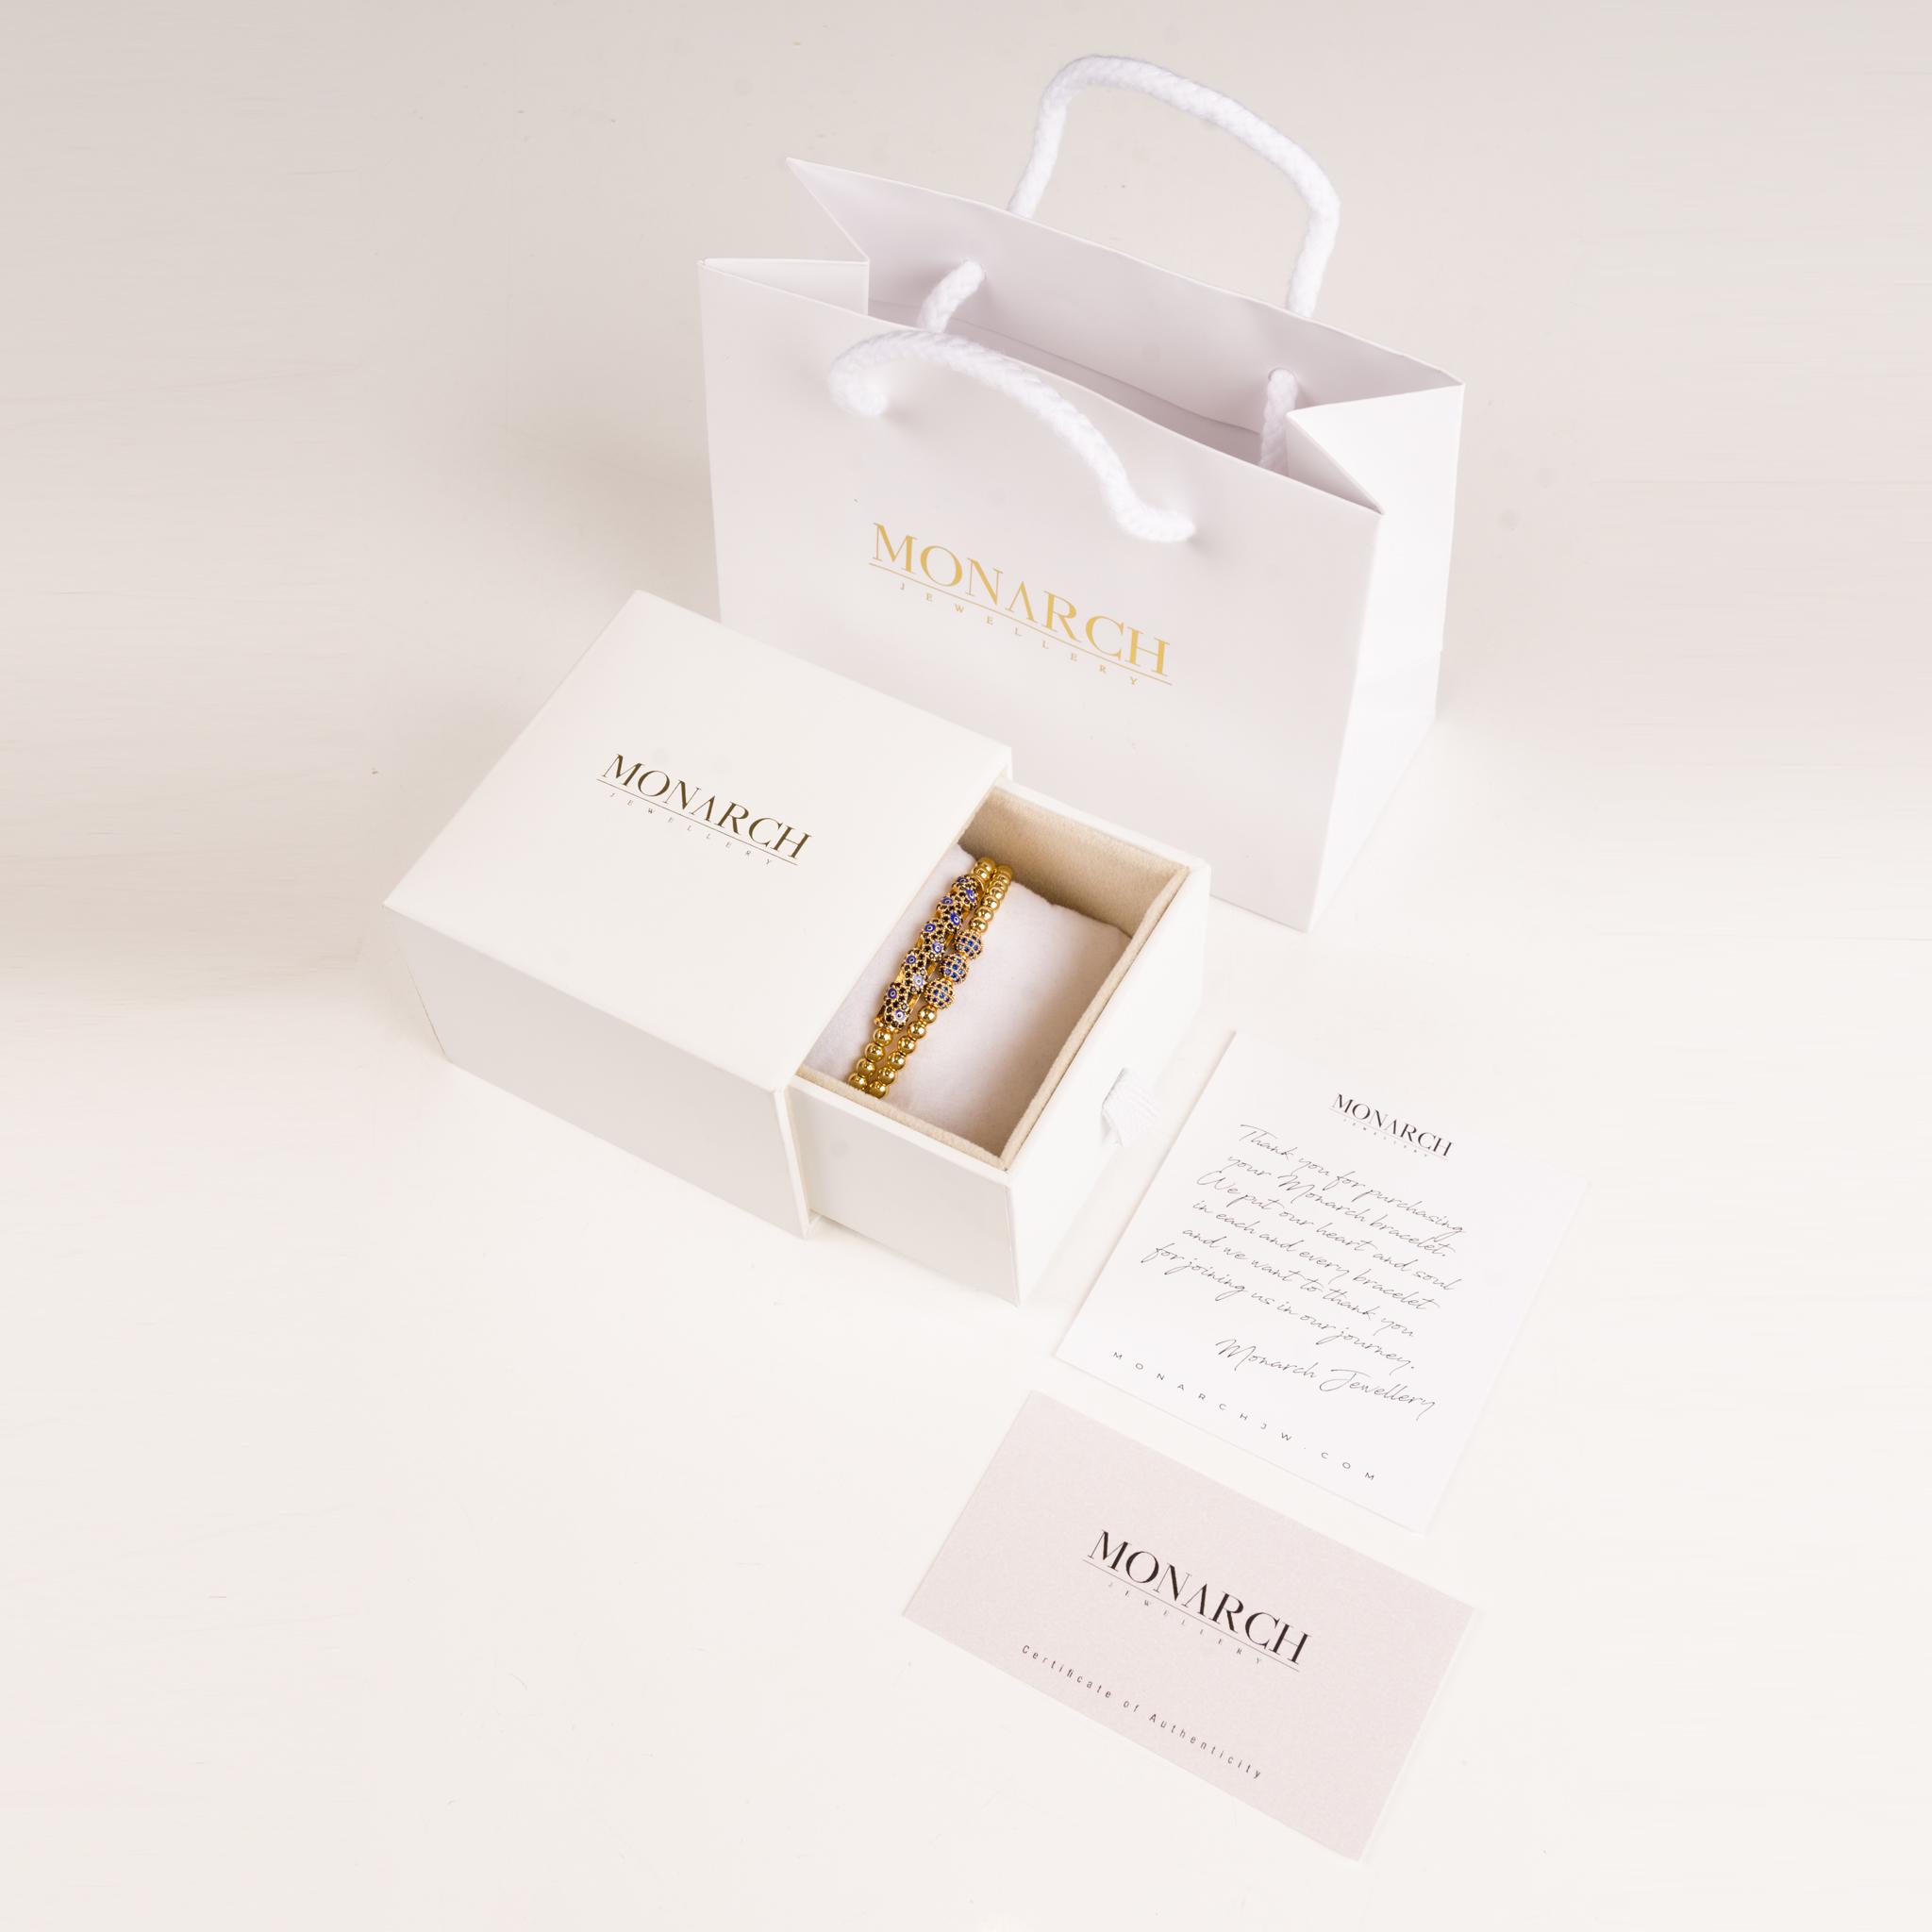 Monarch bijuterii Box WaxSeal de lux bratari